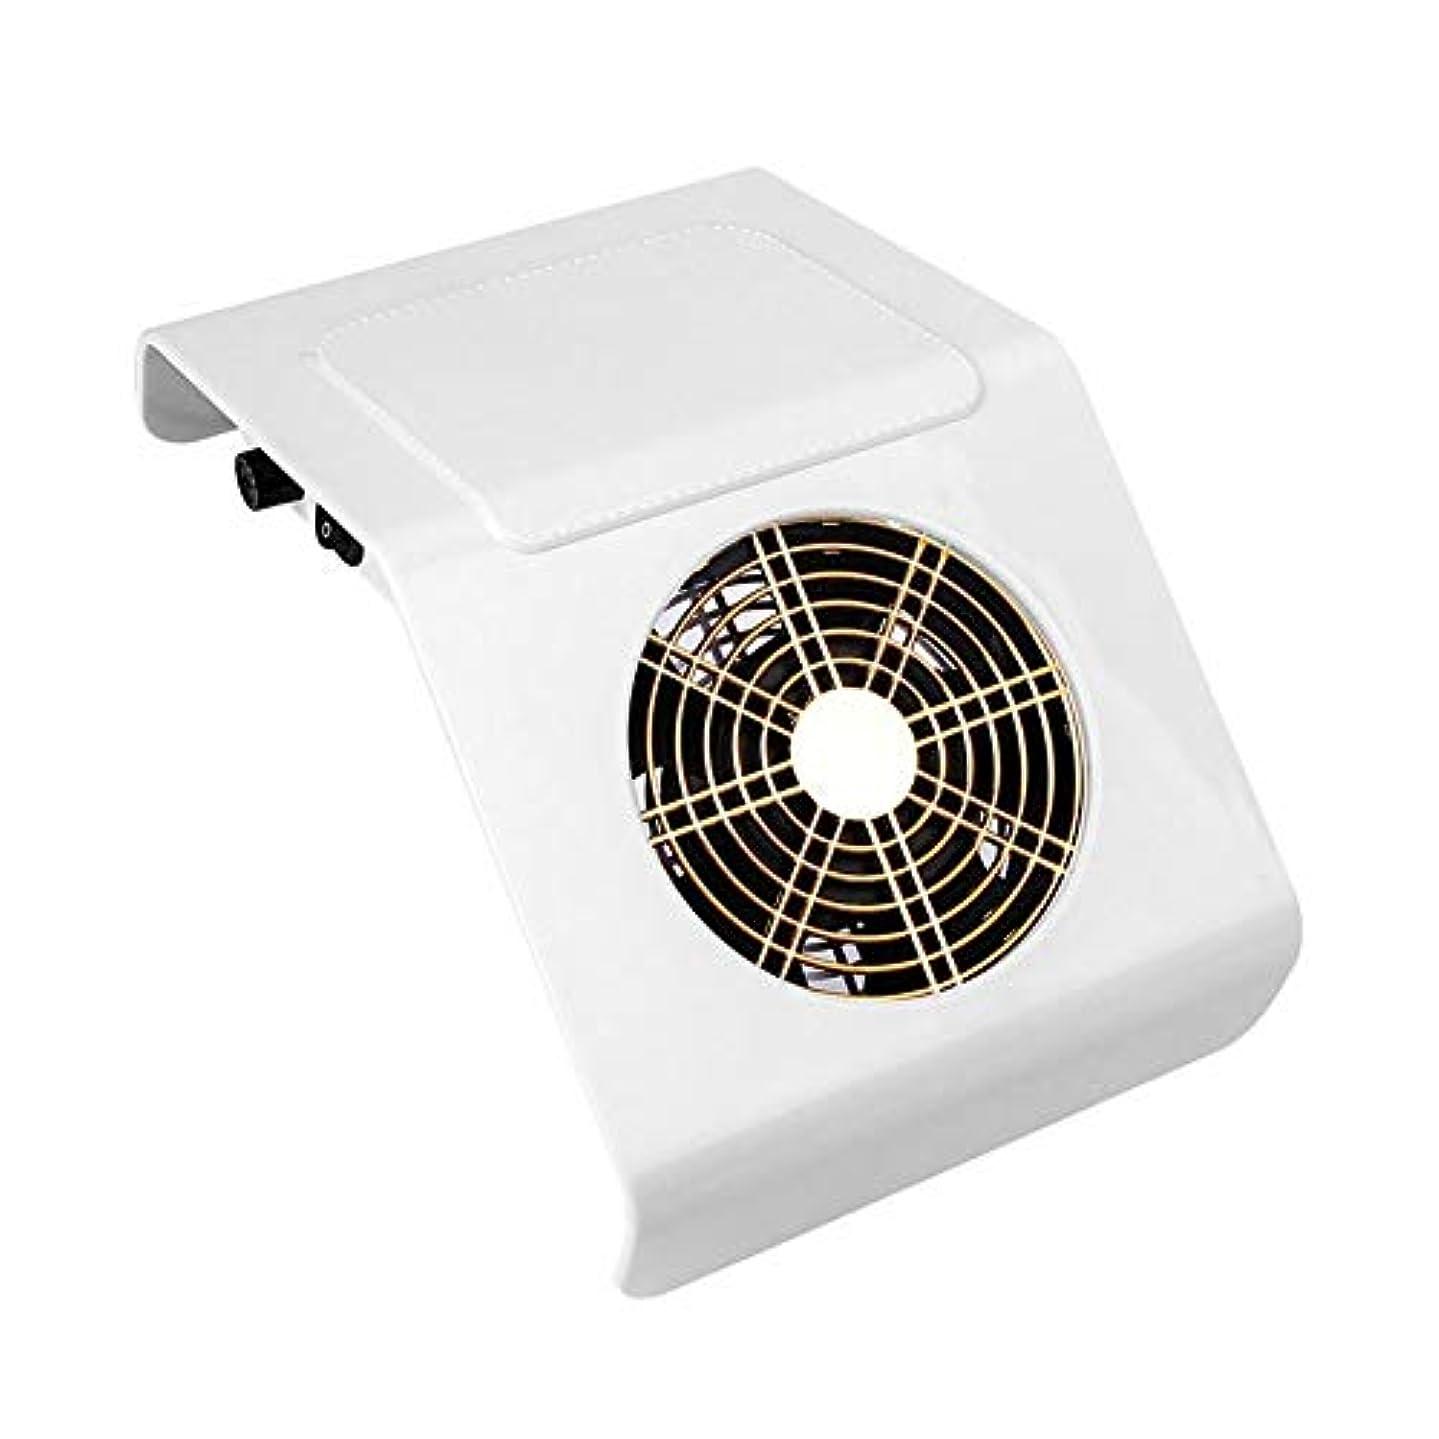 ワーカー割れ目平衡40Wネイル集塵機の吸引ファン、2つの集塵袋付きネイル掃除機バッグネイルアートマニキュアサロンツールの収集マニキュアの工作機械ダスト (Color : White)